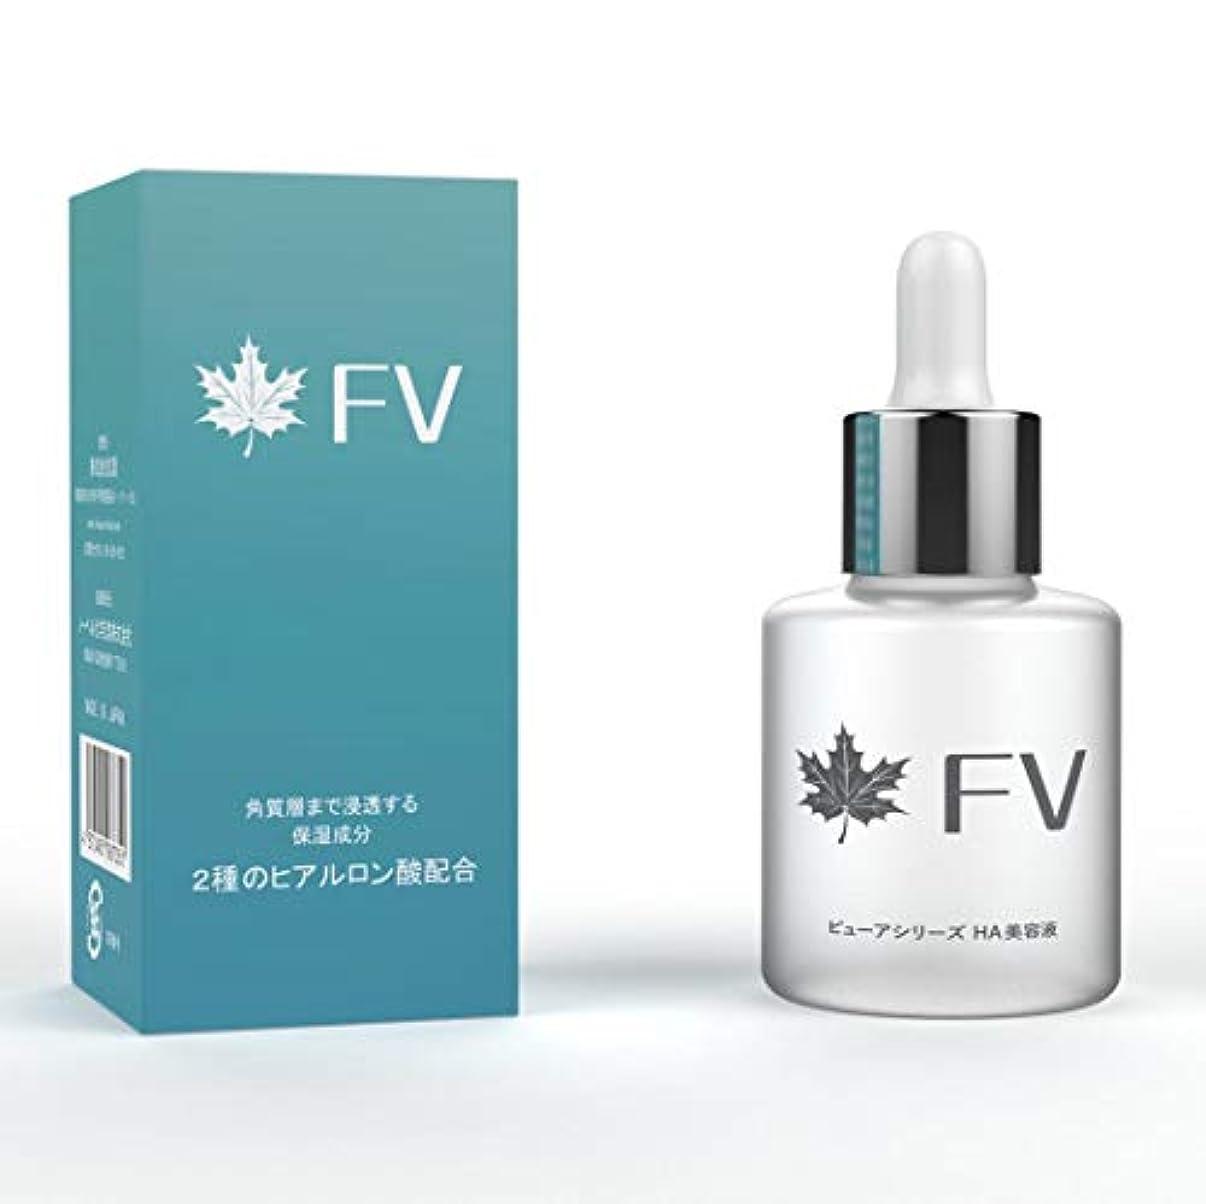 学部長上名前FV ヒアルロン酸原液(美容液)30ml 高分子超保湿キャッチ型と低分子修復リペア型 2種のヒアルロン酸  日本製